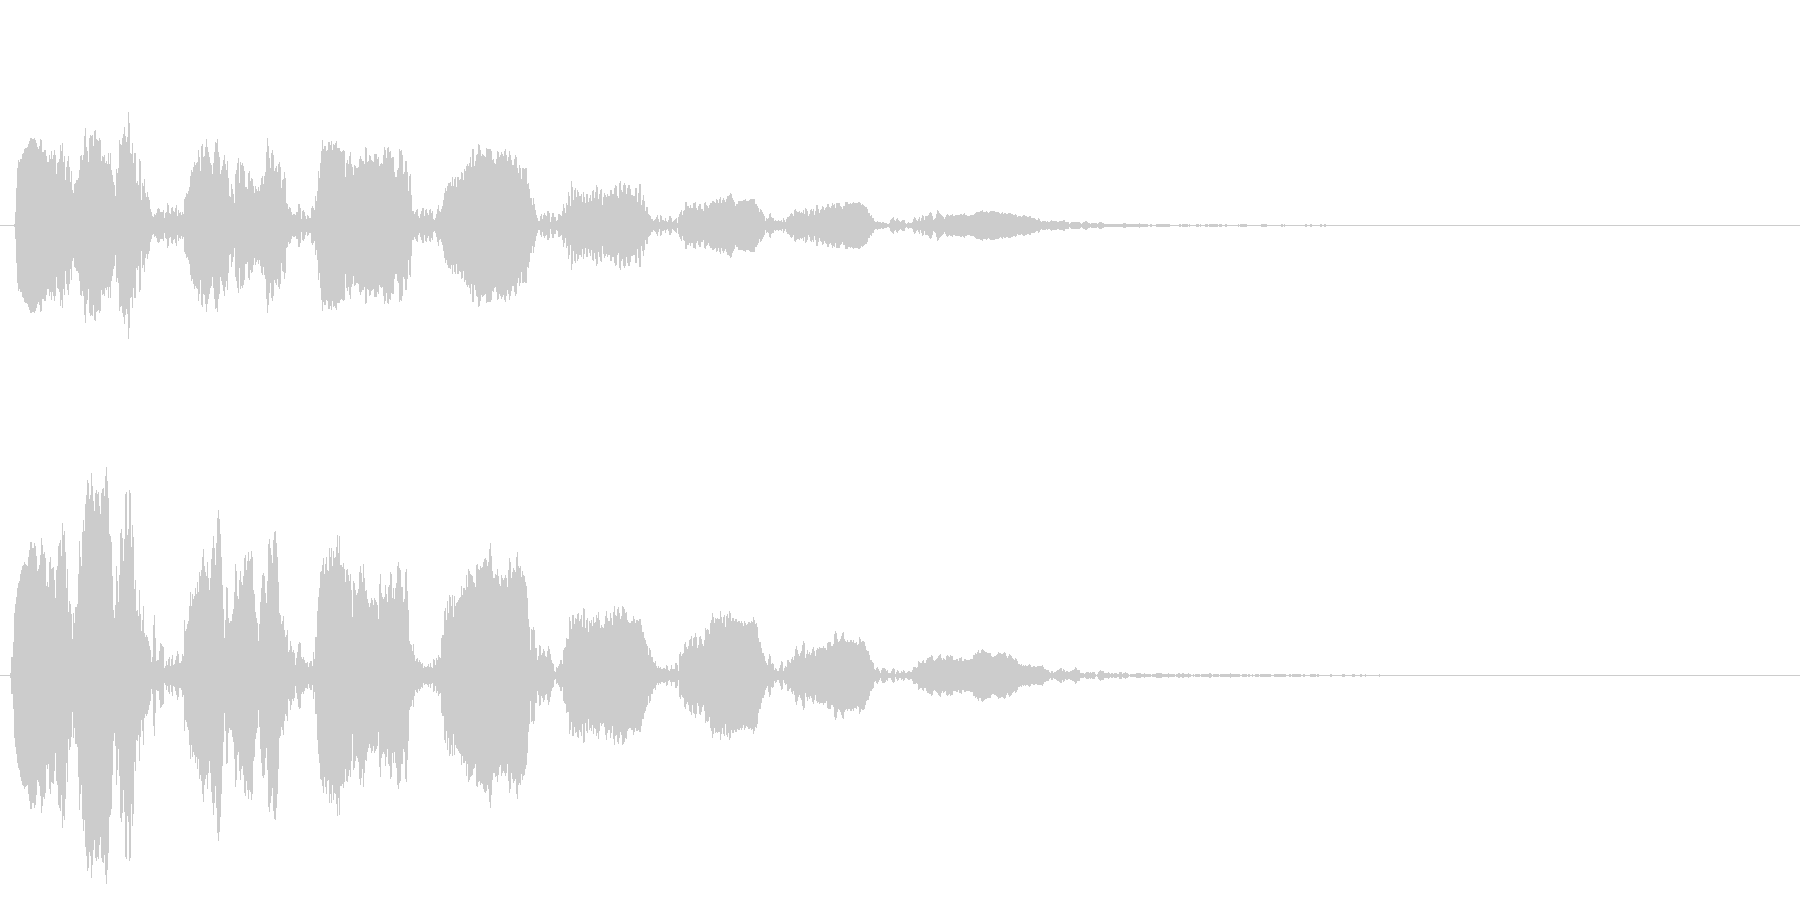 おばけ ひゅうひゅうひゅうひゅうの未再生の波形